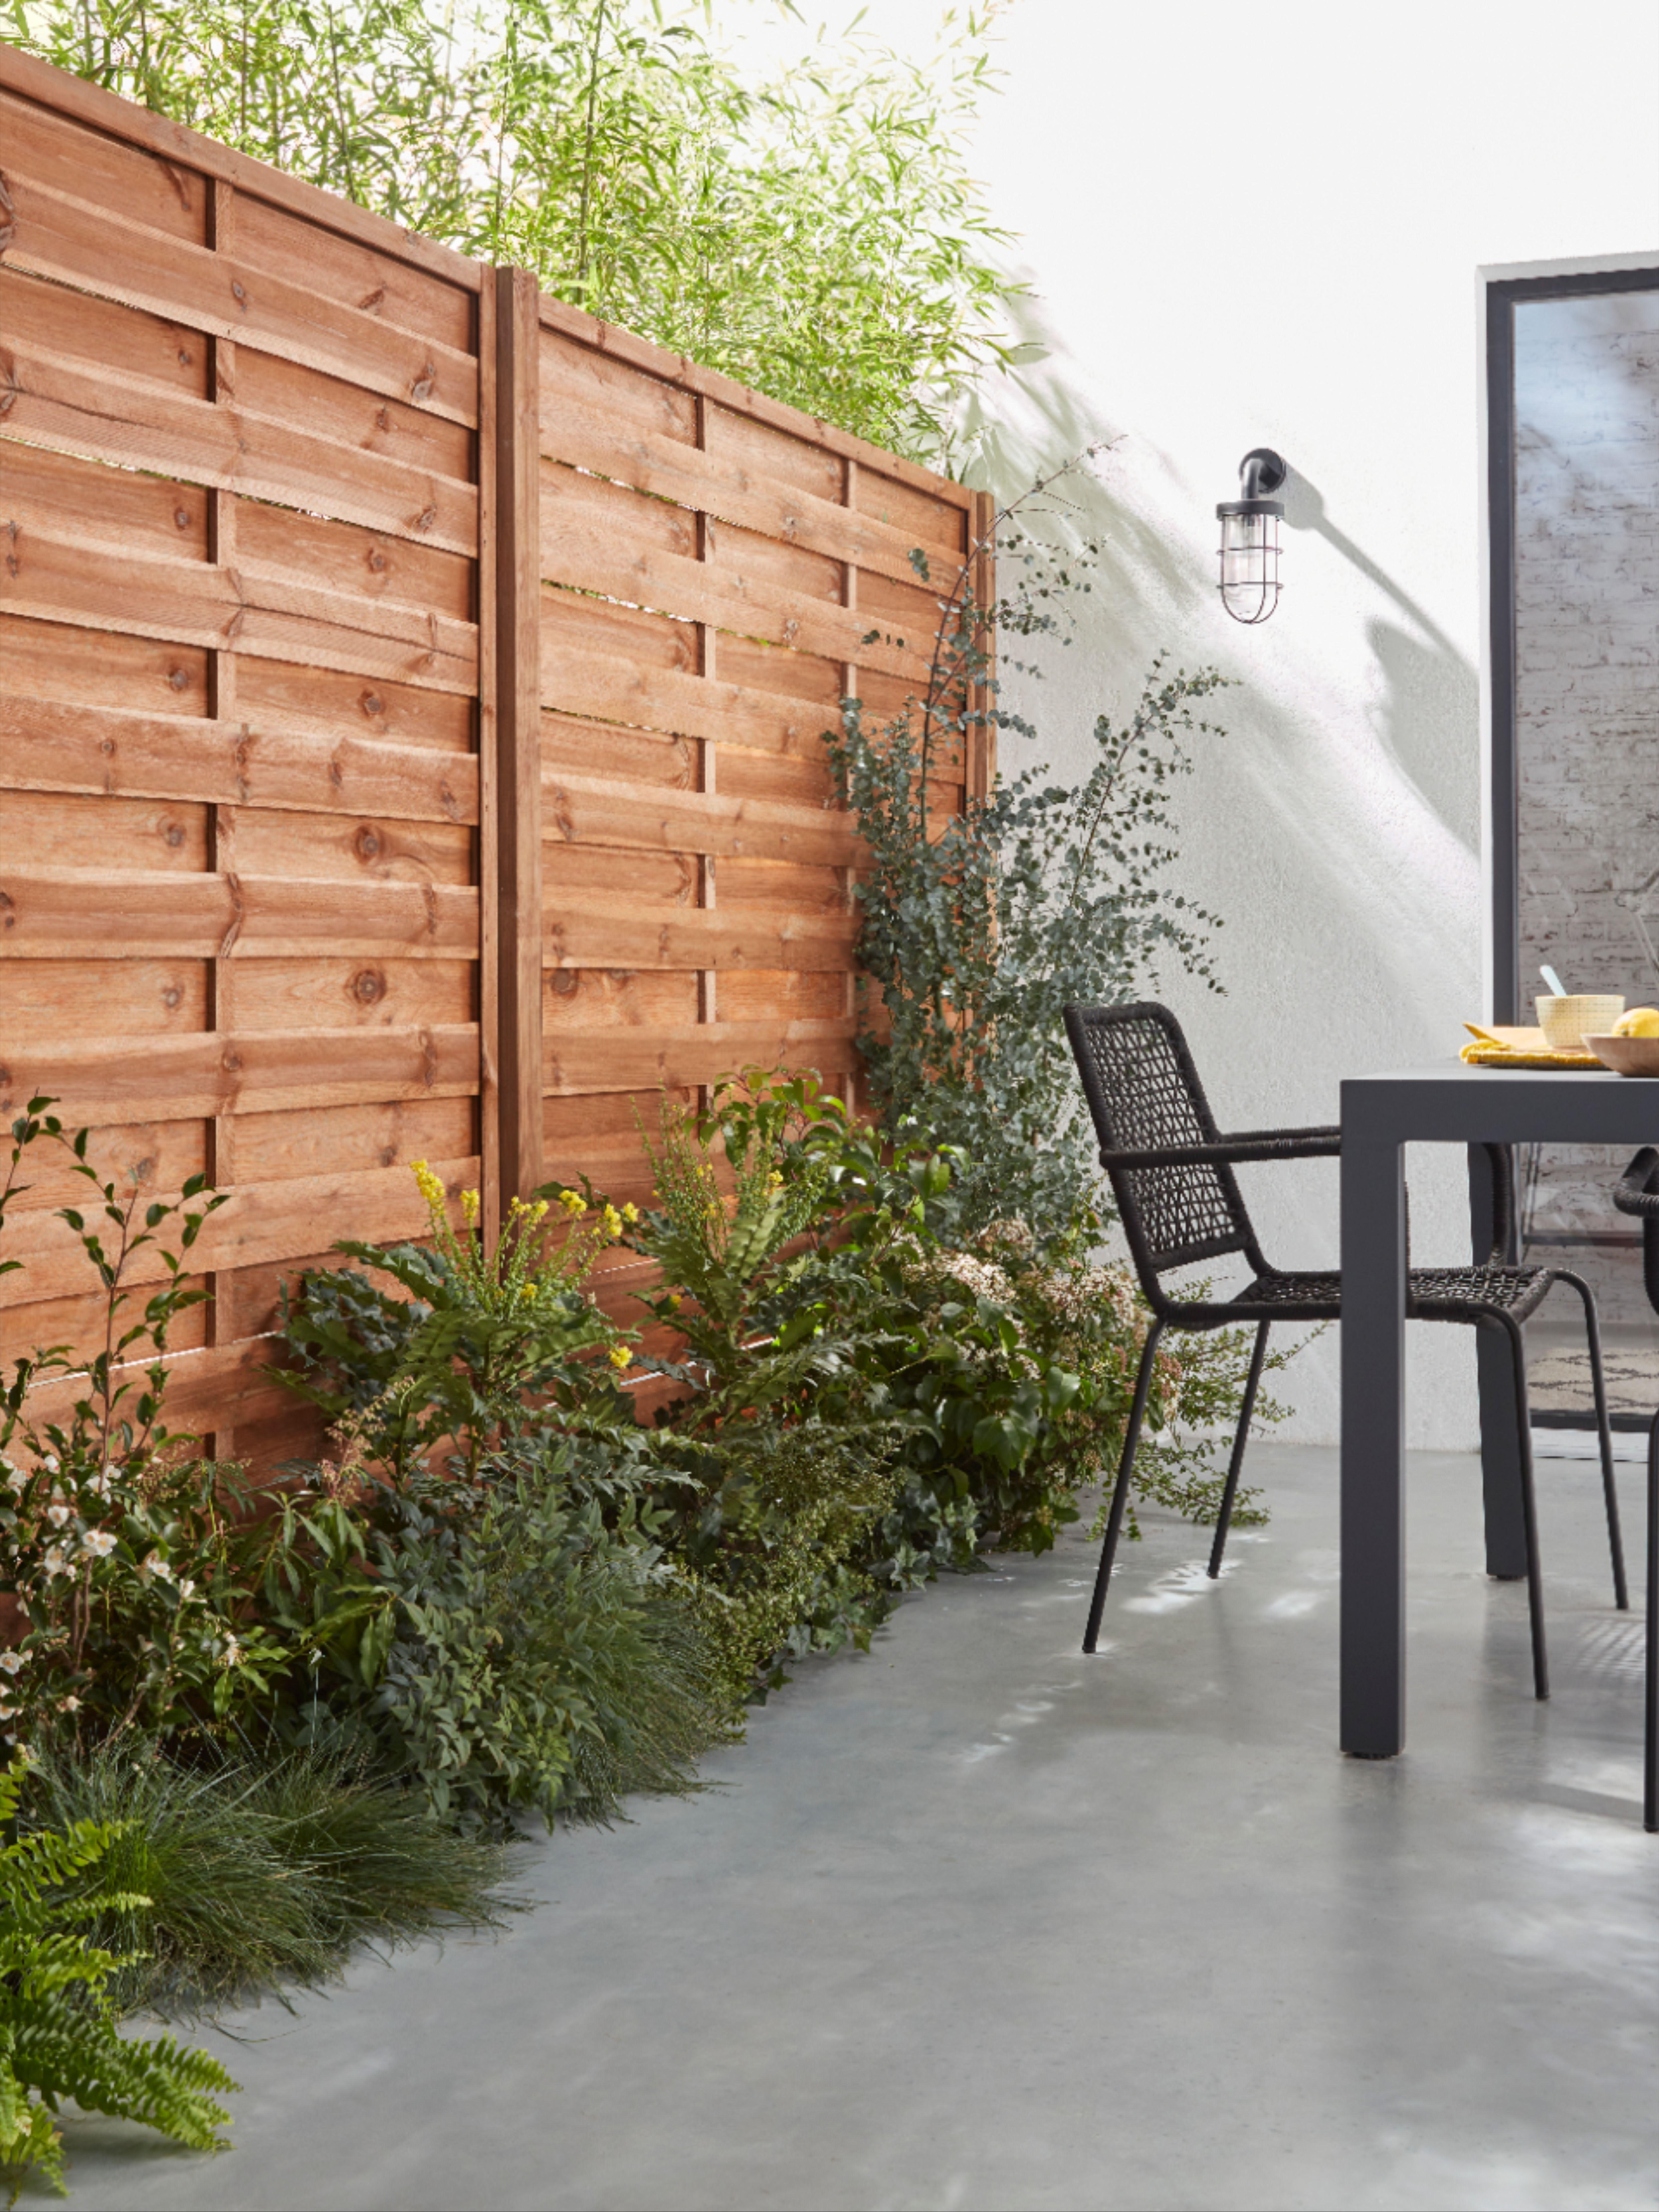 Des Panneaux En Bois Qui S Allient A La Perfection Dans Un Espace Exterieur Pour Conserver Son Intimi En 2020 Amenagement Exterieur Amenagement Jardin Mobilier Jardin